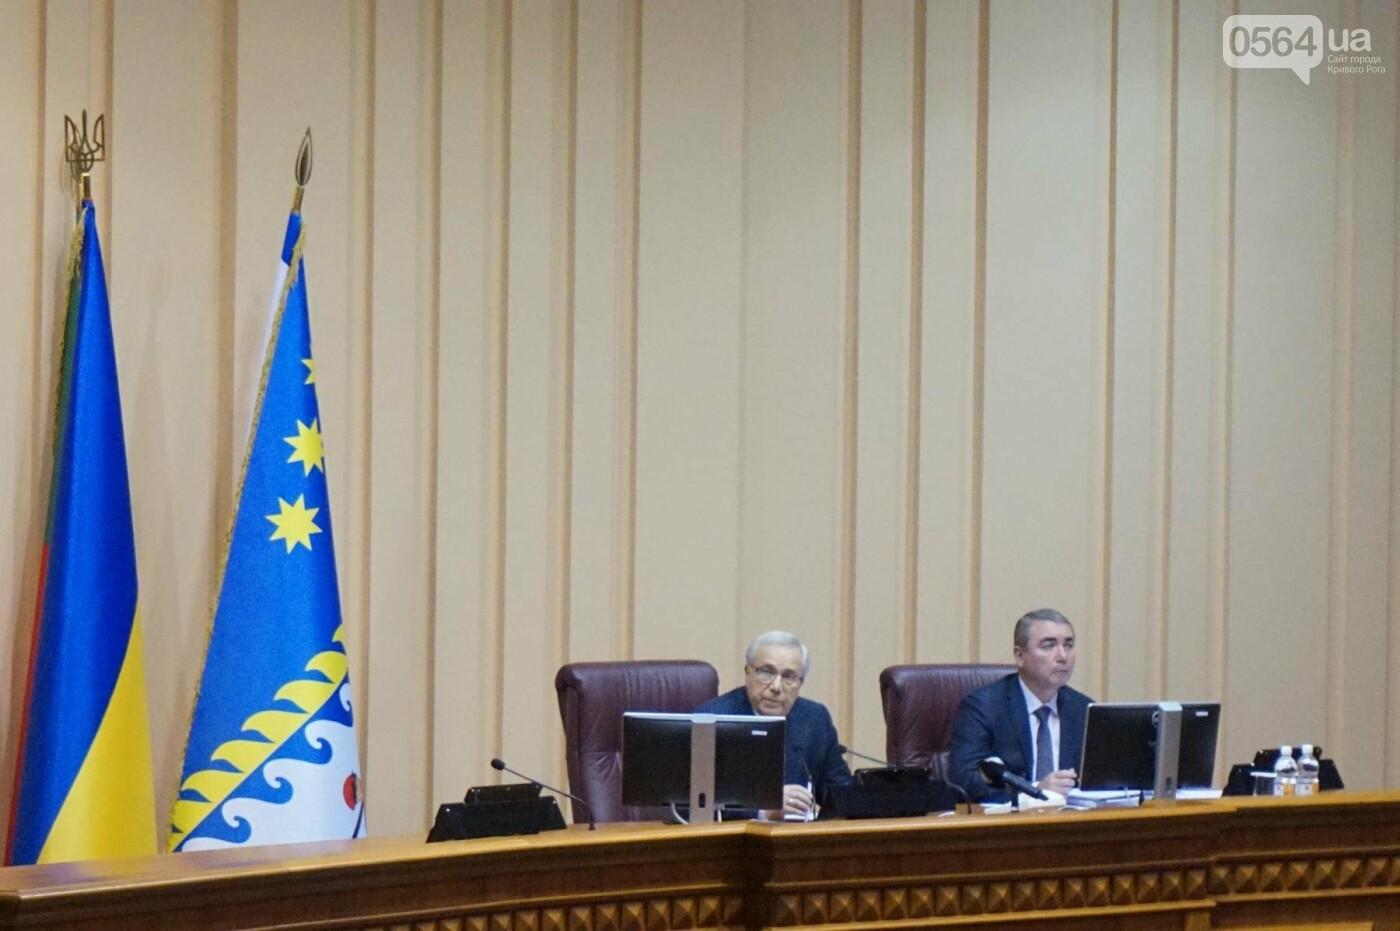 В Кривом Роге началась сессия. Впервые после обысков появилась Ольга Бабенко (ФОТО), фото-10